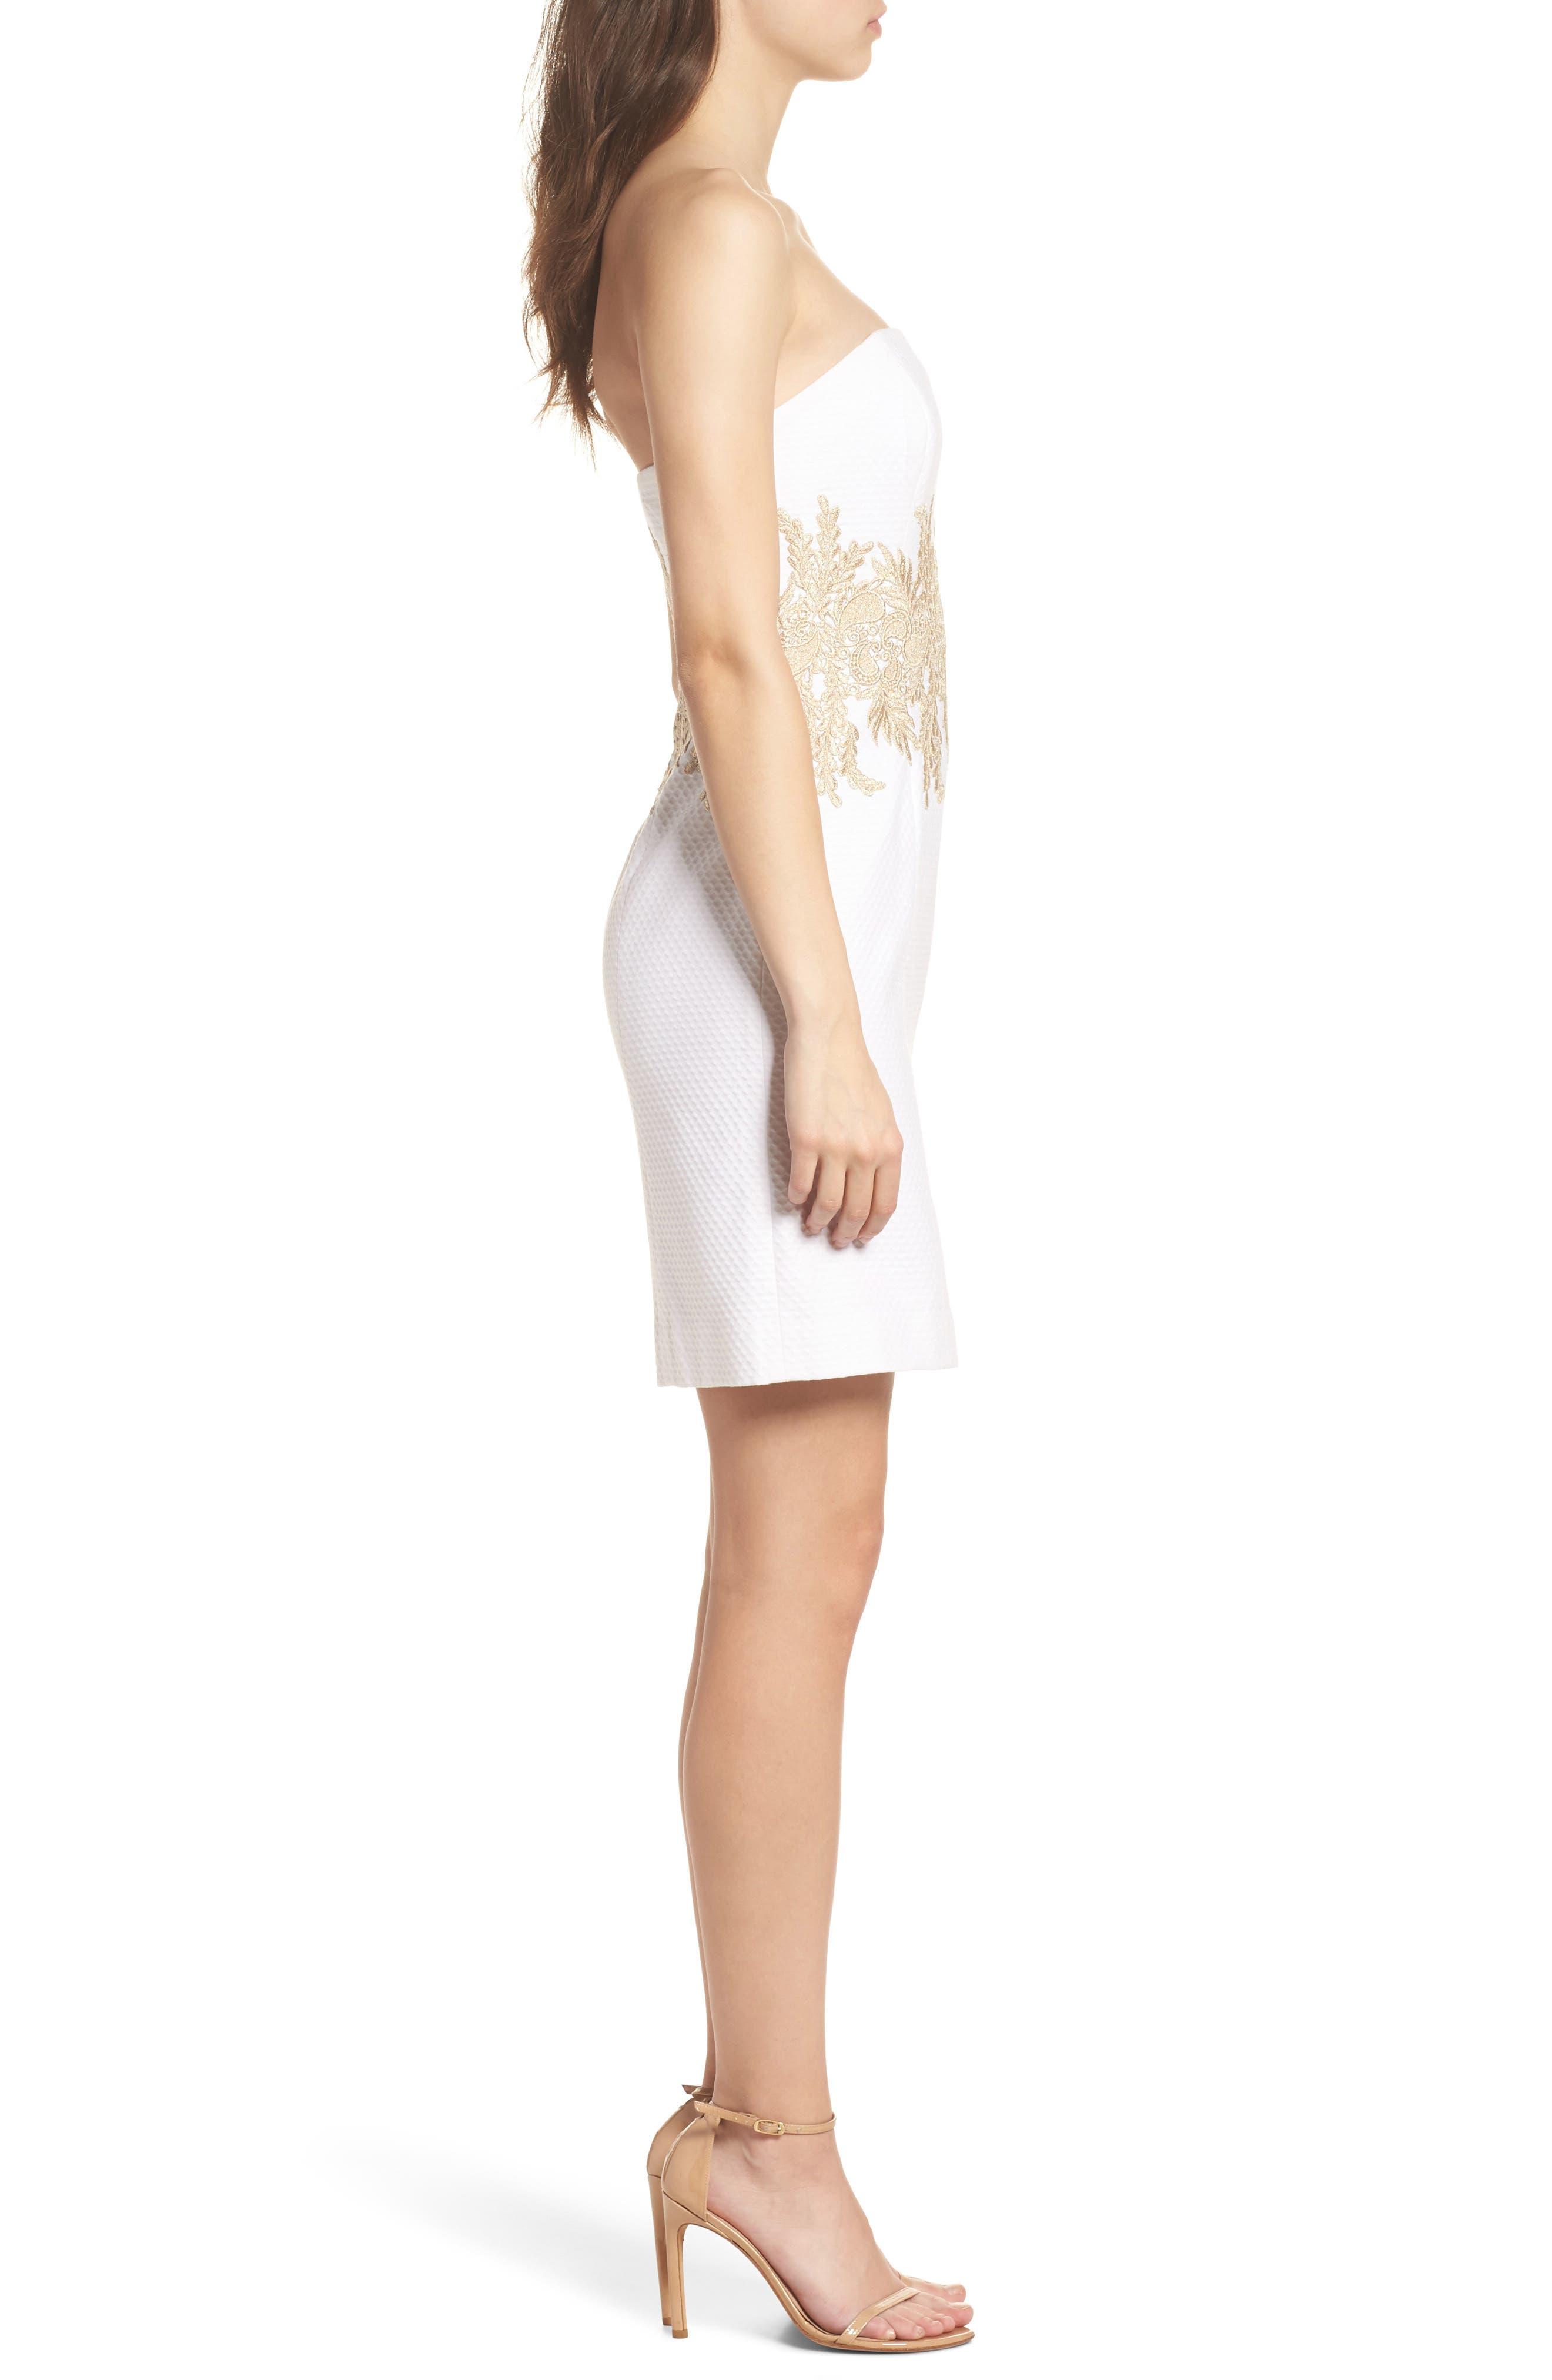 Kade Strapless Dress,                             Alternate thumbnail 3, color,                             Resort White